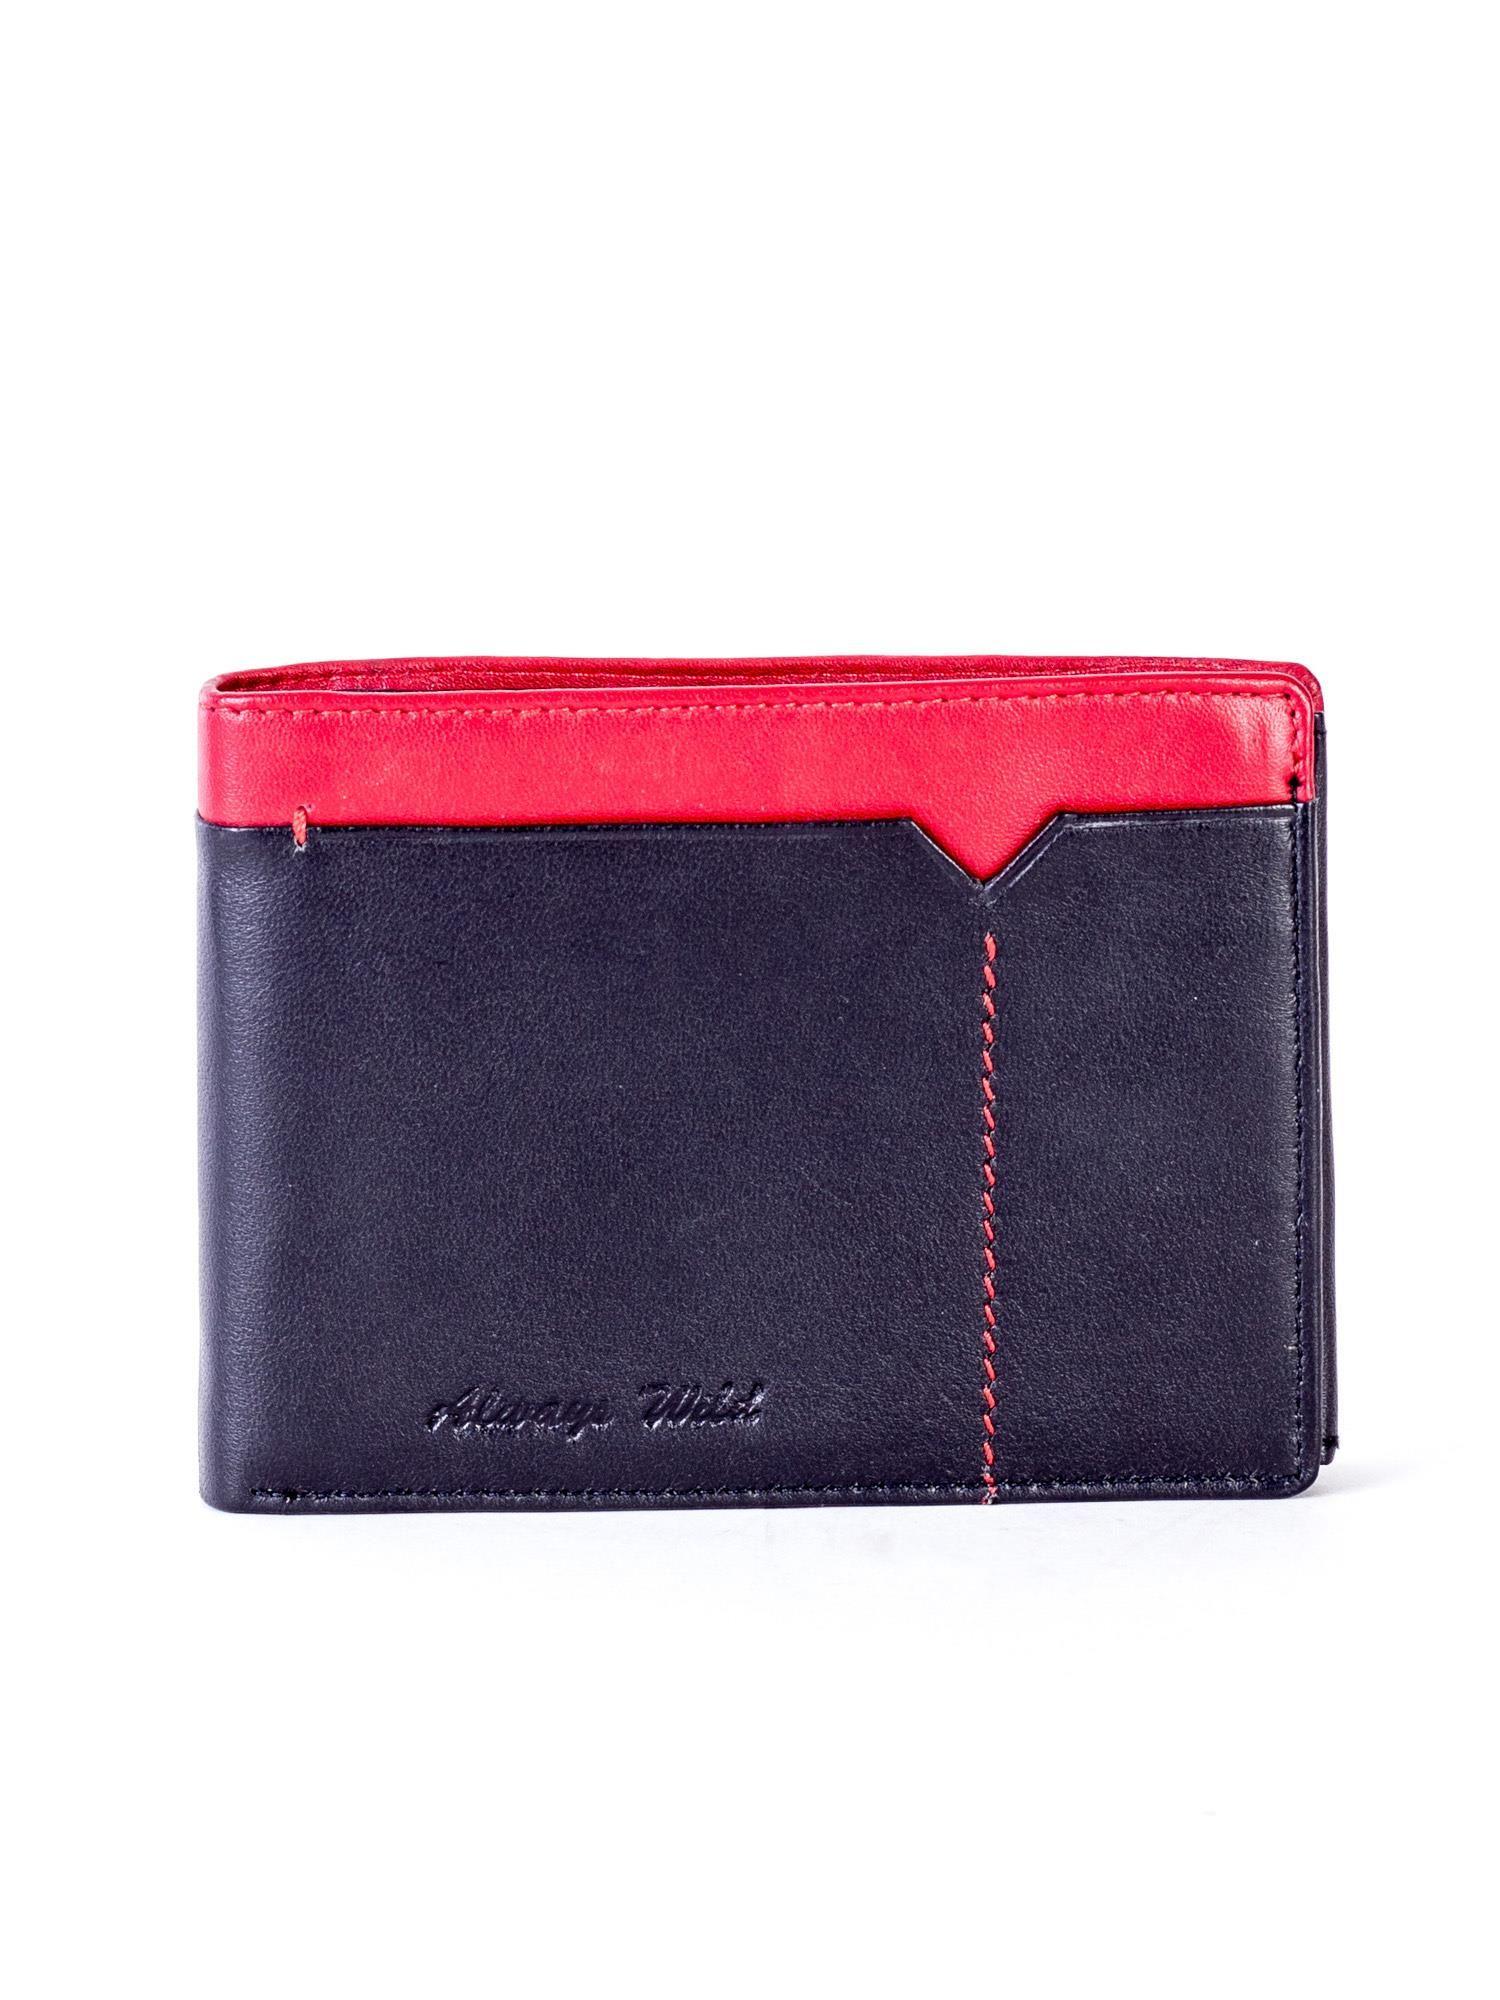 d2dd385a8a5d4 Czarno-czerwony skórzany portfel męski - Mężczyźni portfel męski ...